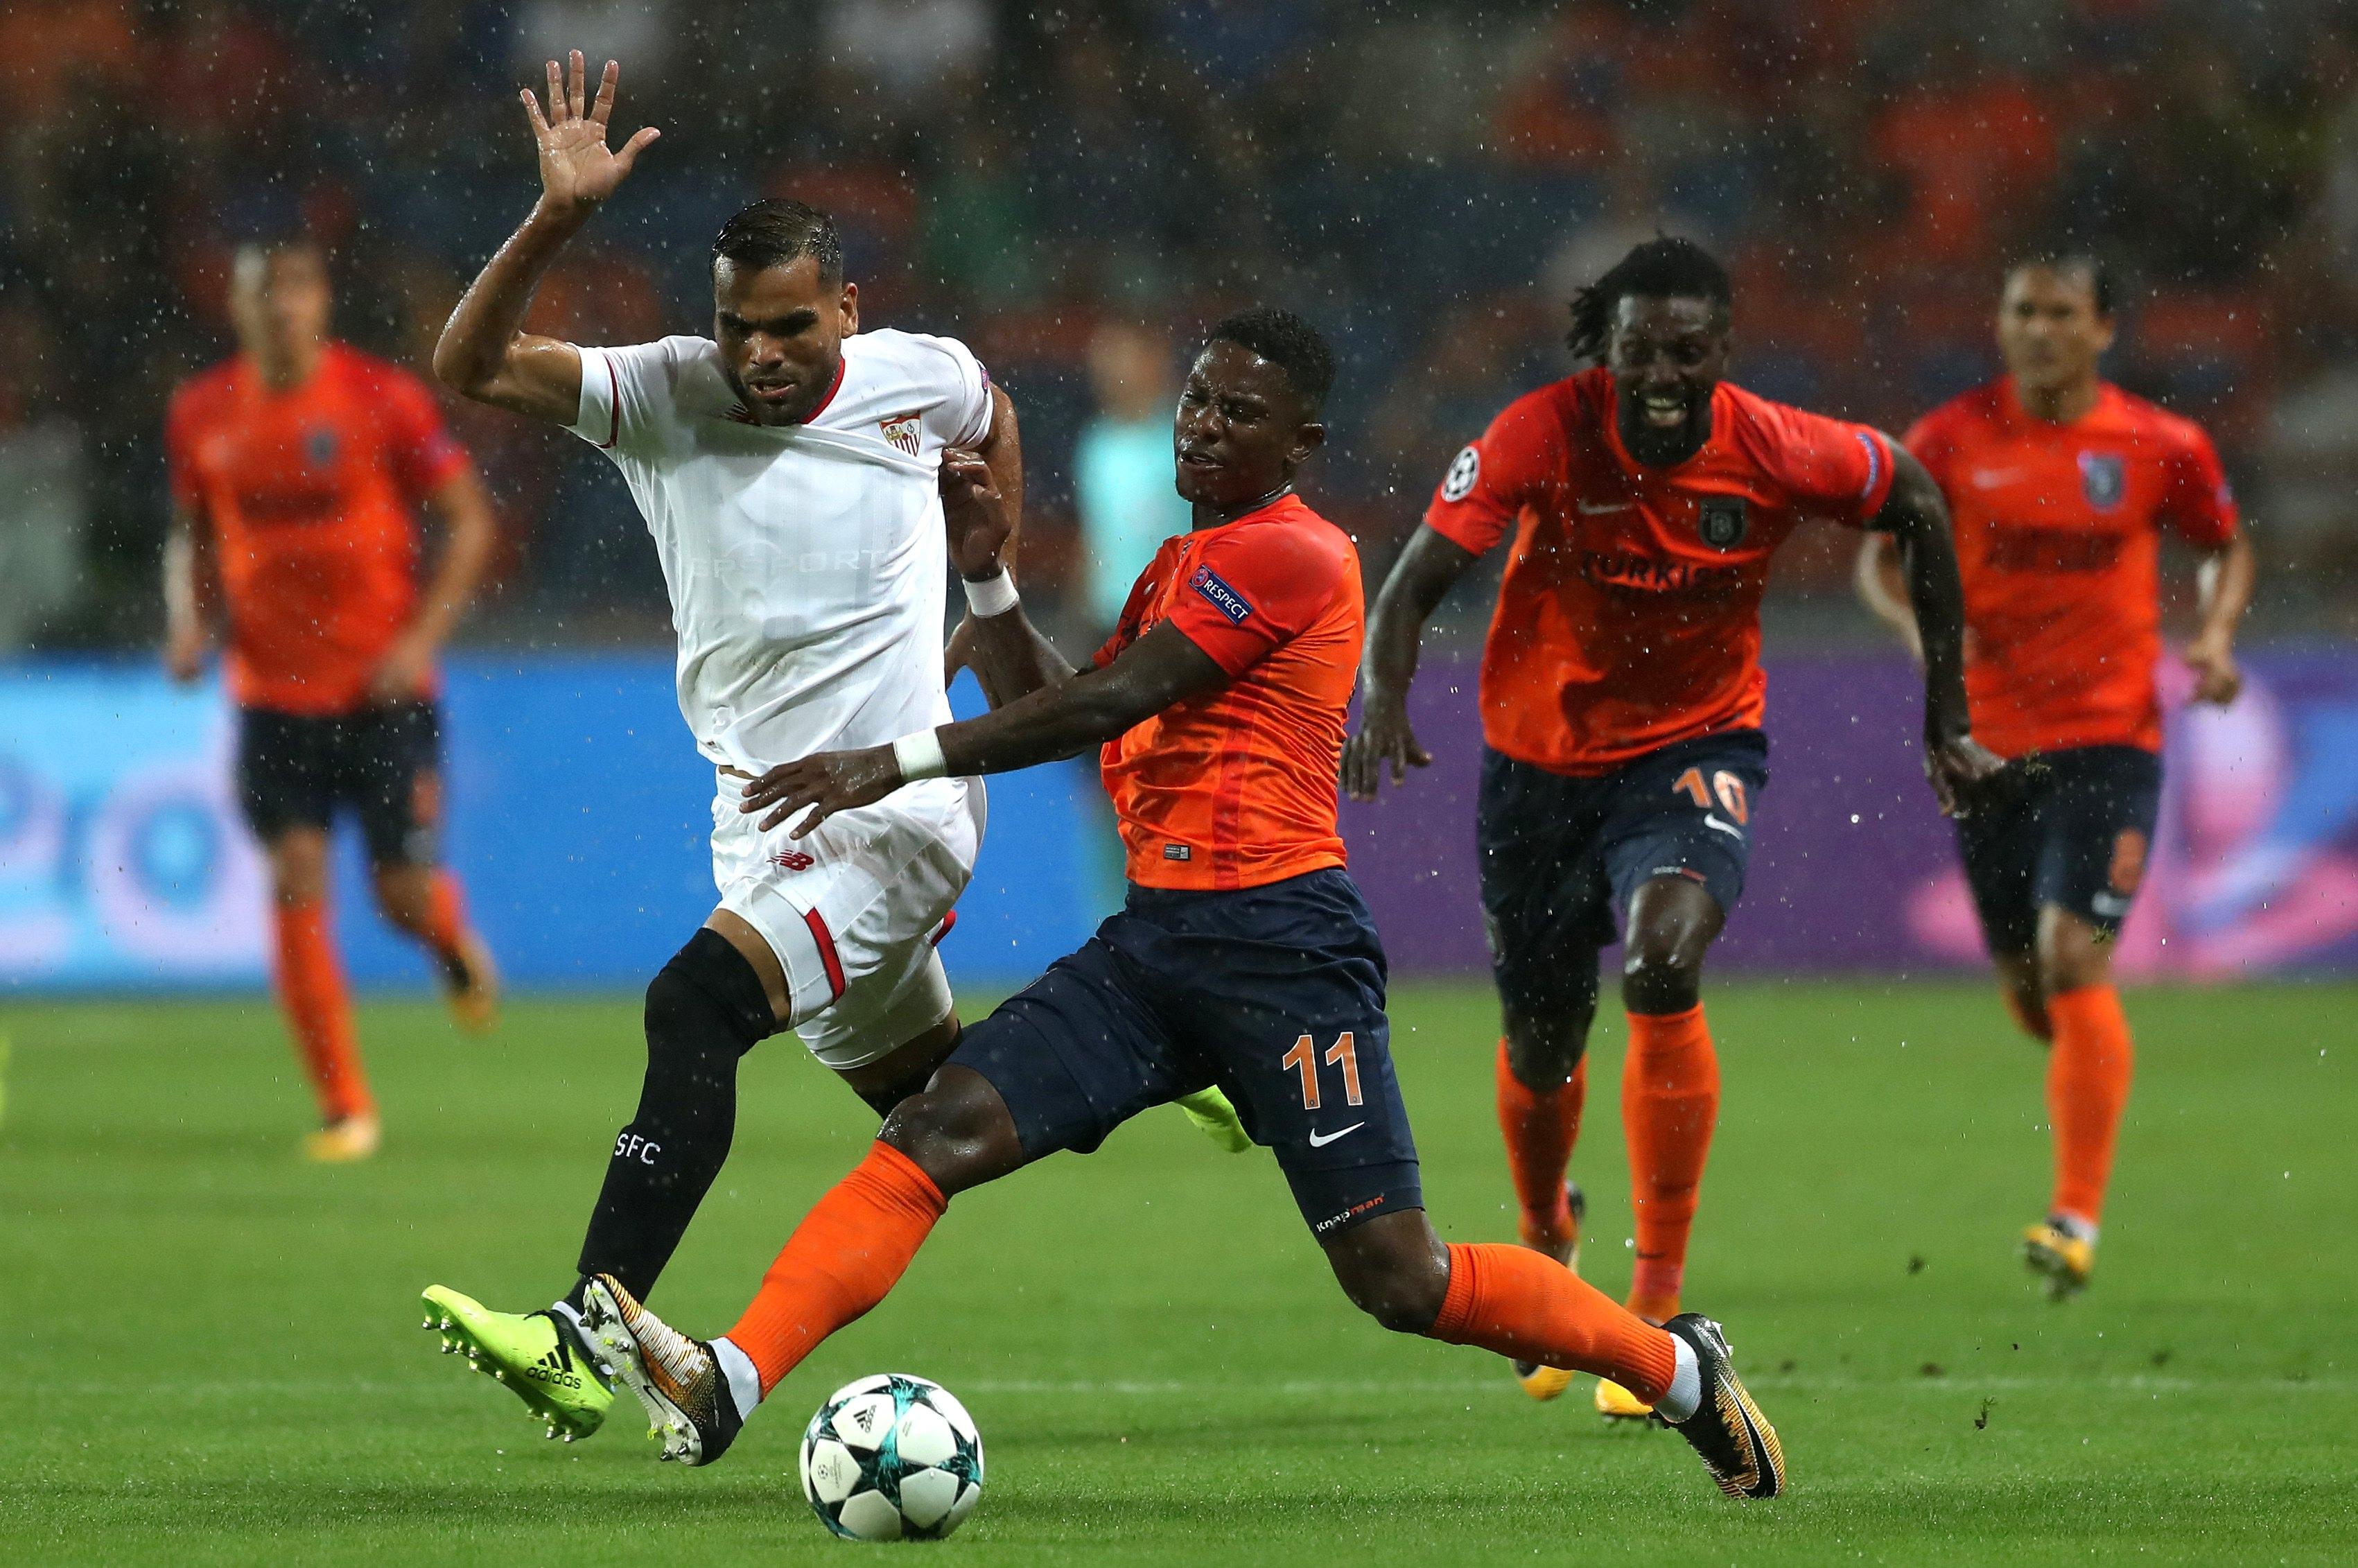 Basaksehir verliest in CL ondanks goal Elia, Napoli wint van Nice